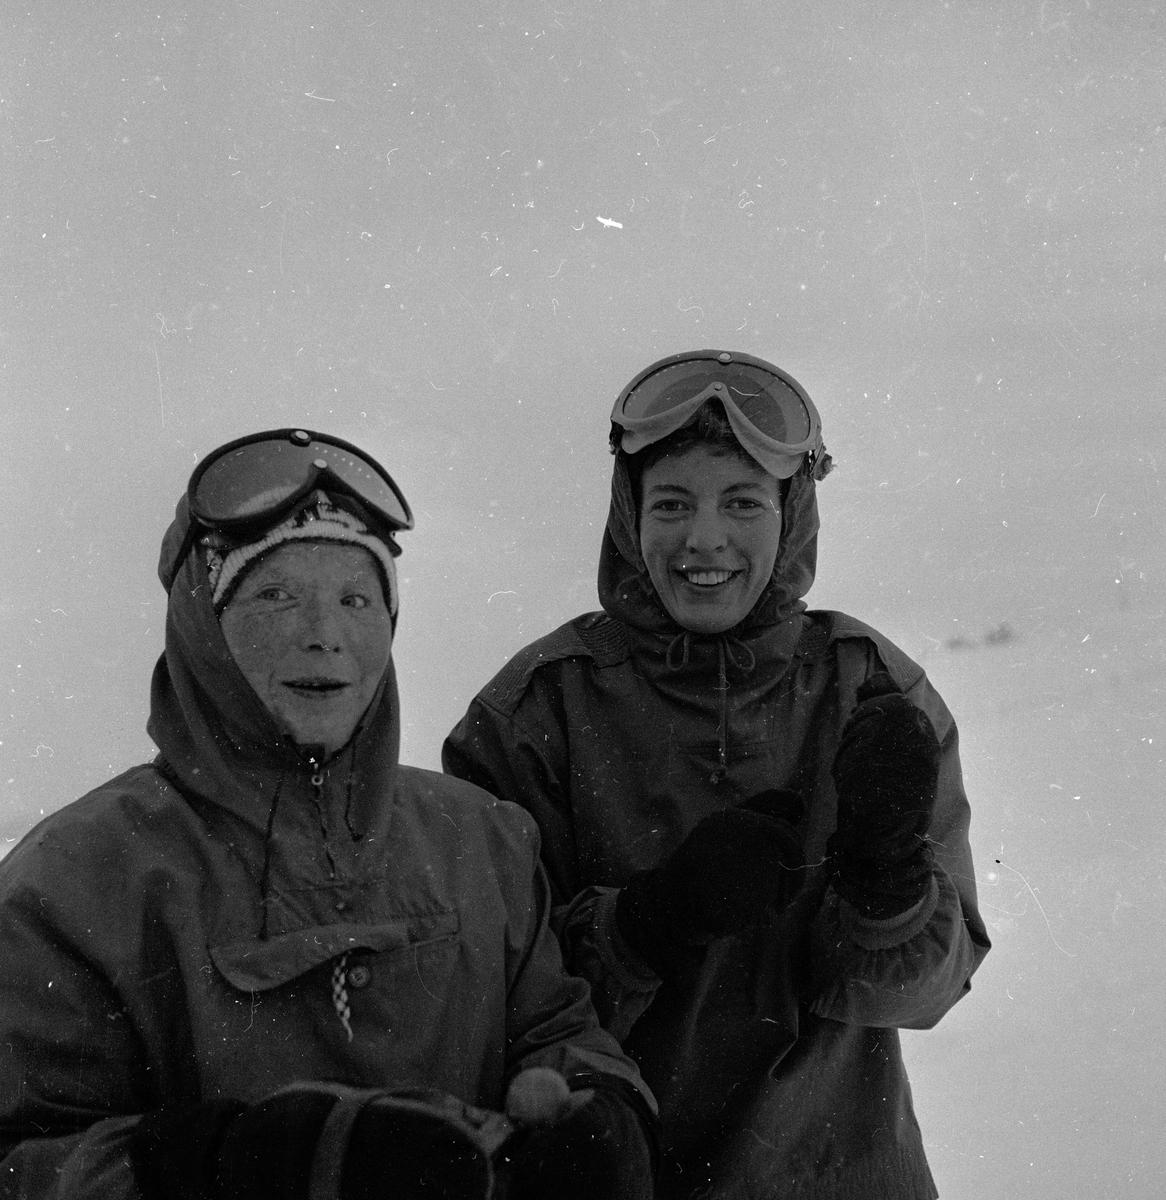 Oppdal, 17.12.1955, opptrening til Vinter-Olympiaden 1956.